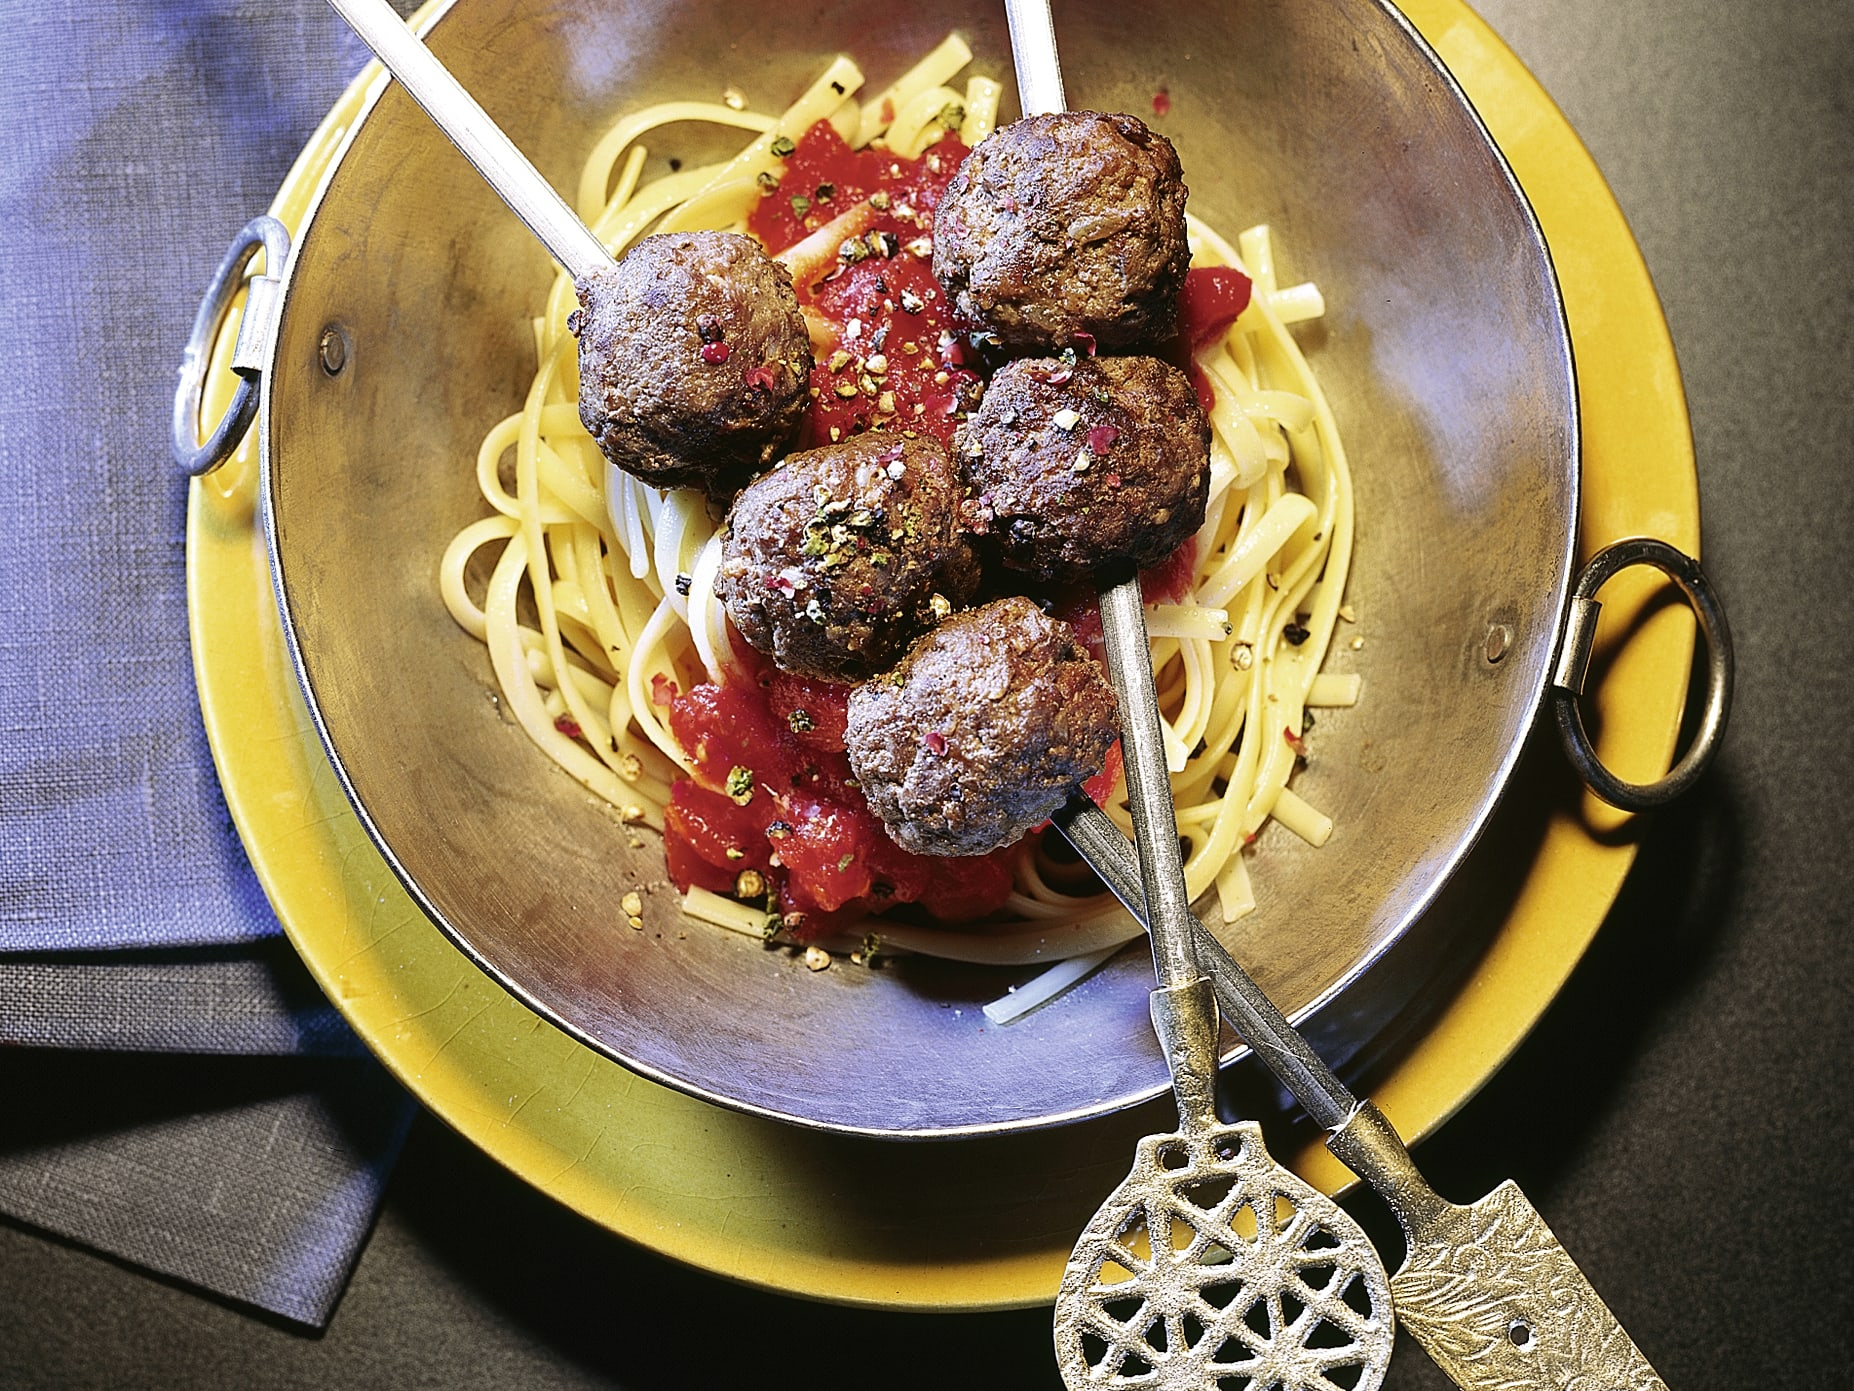 Pâtes à la sauce tomate et brochettes de viande hachée